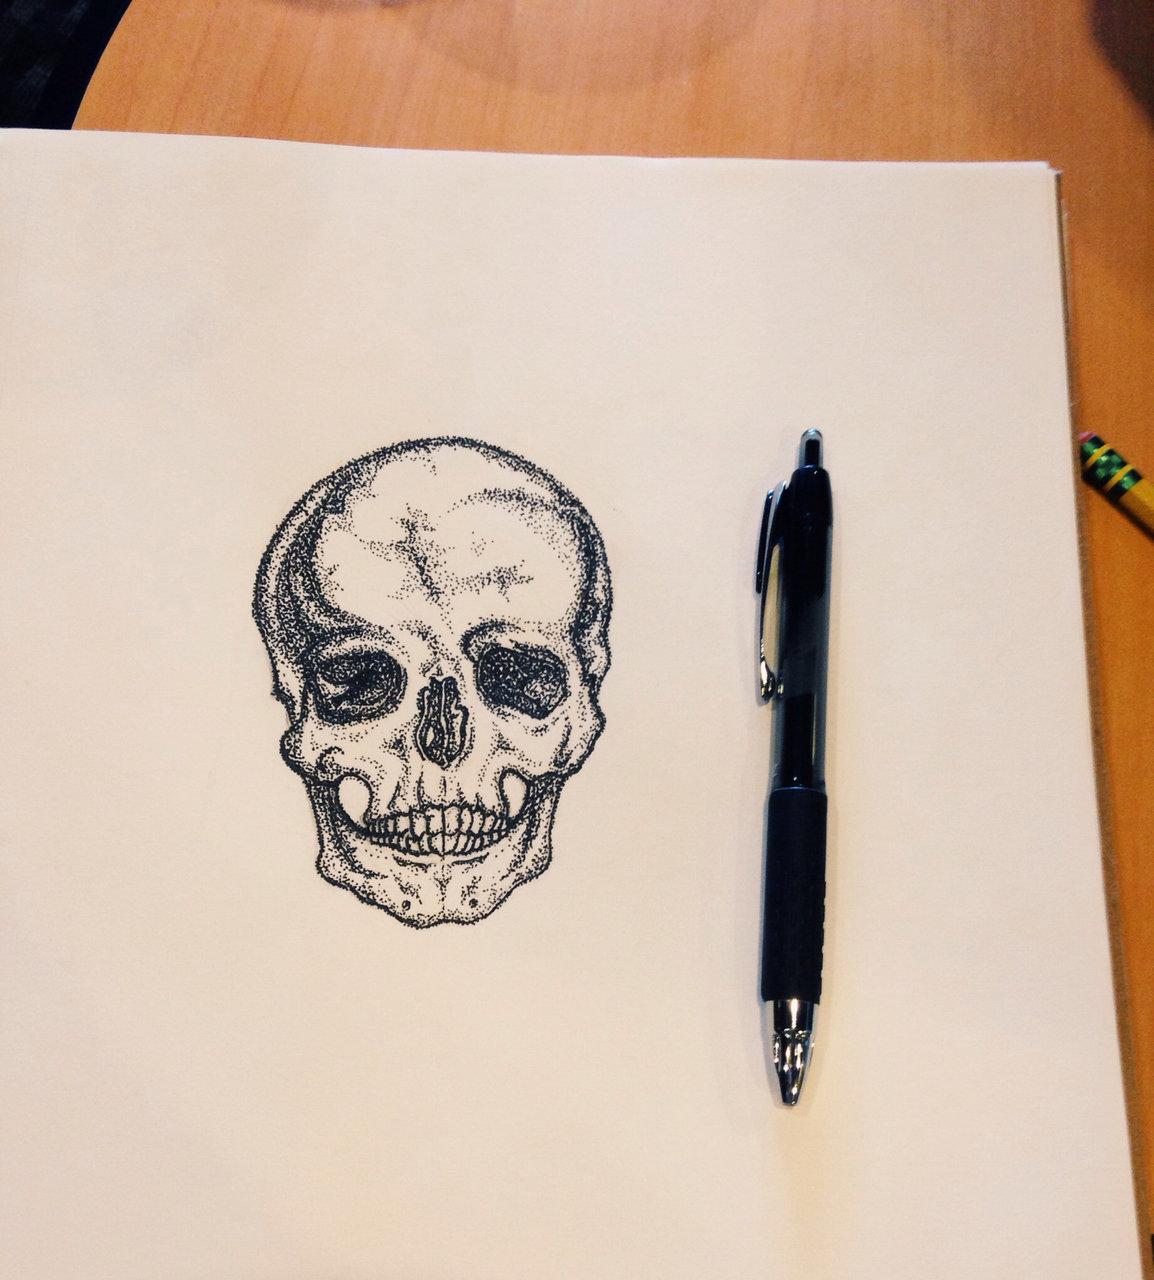 иллюстрация крутой татушки рисунок черной ручкой друзья соберутся